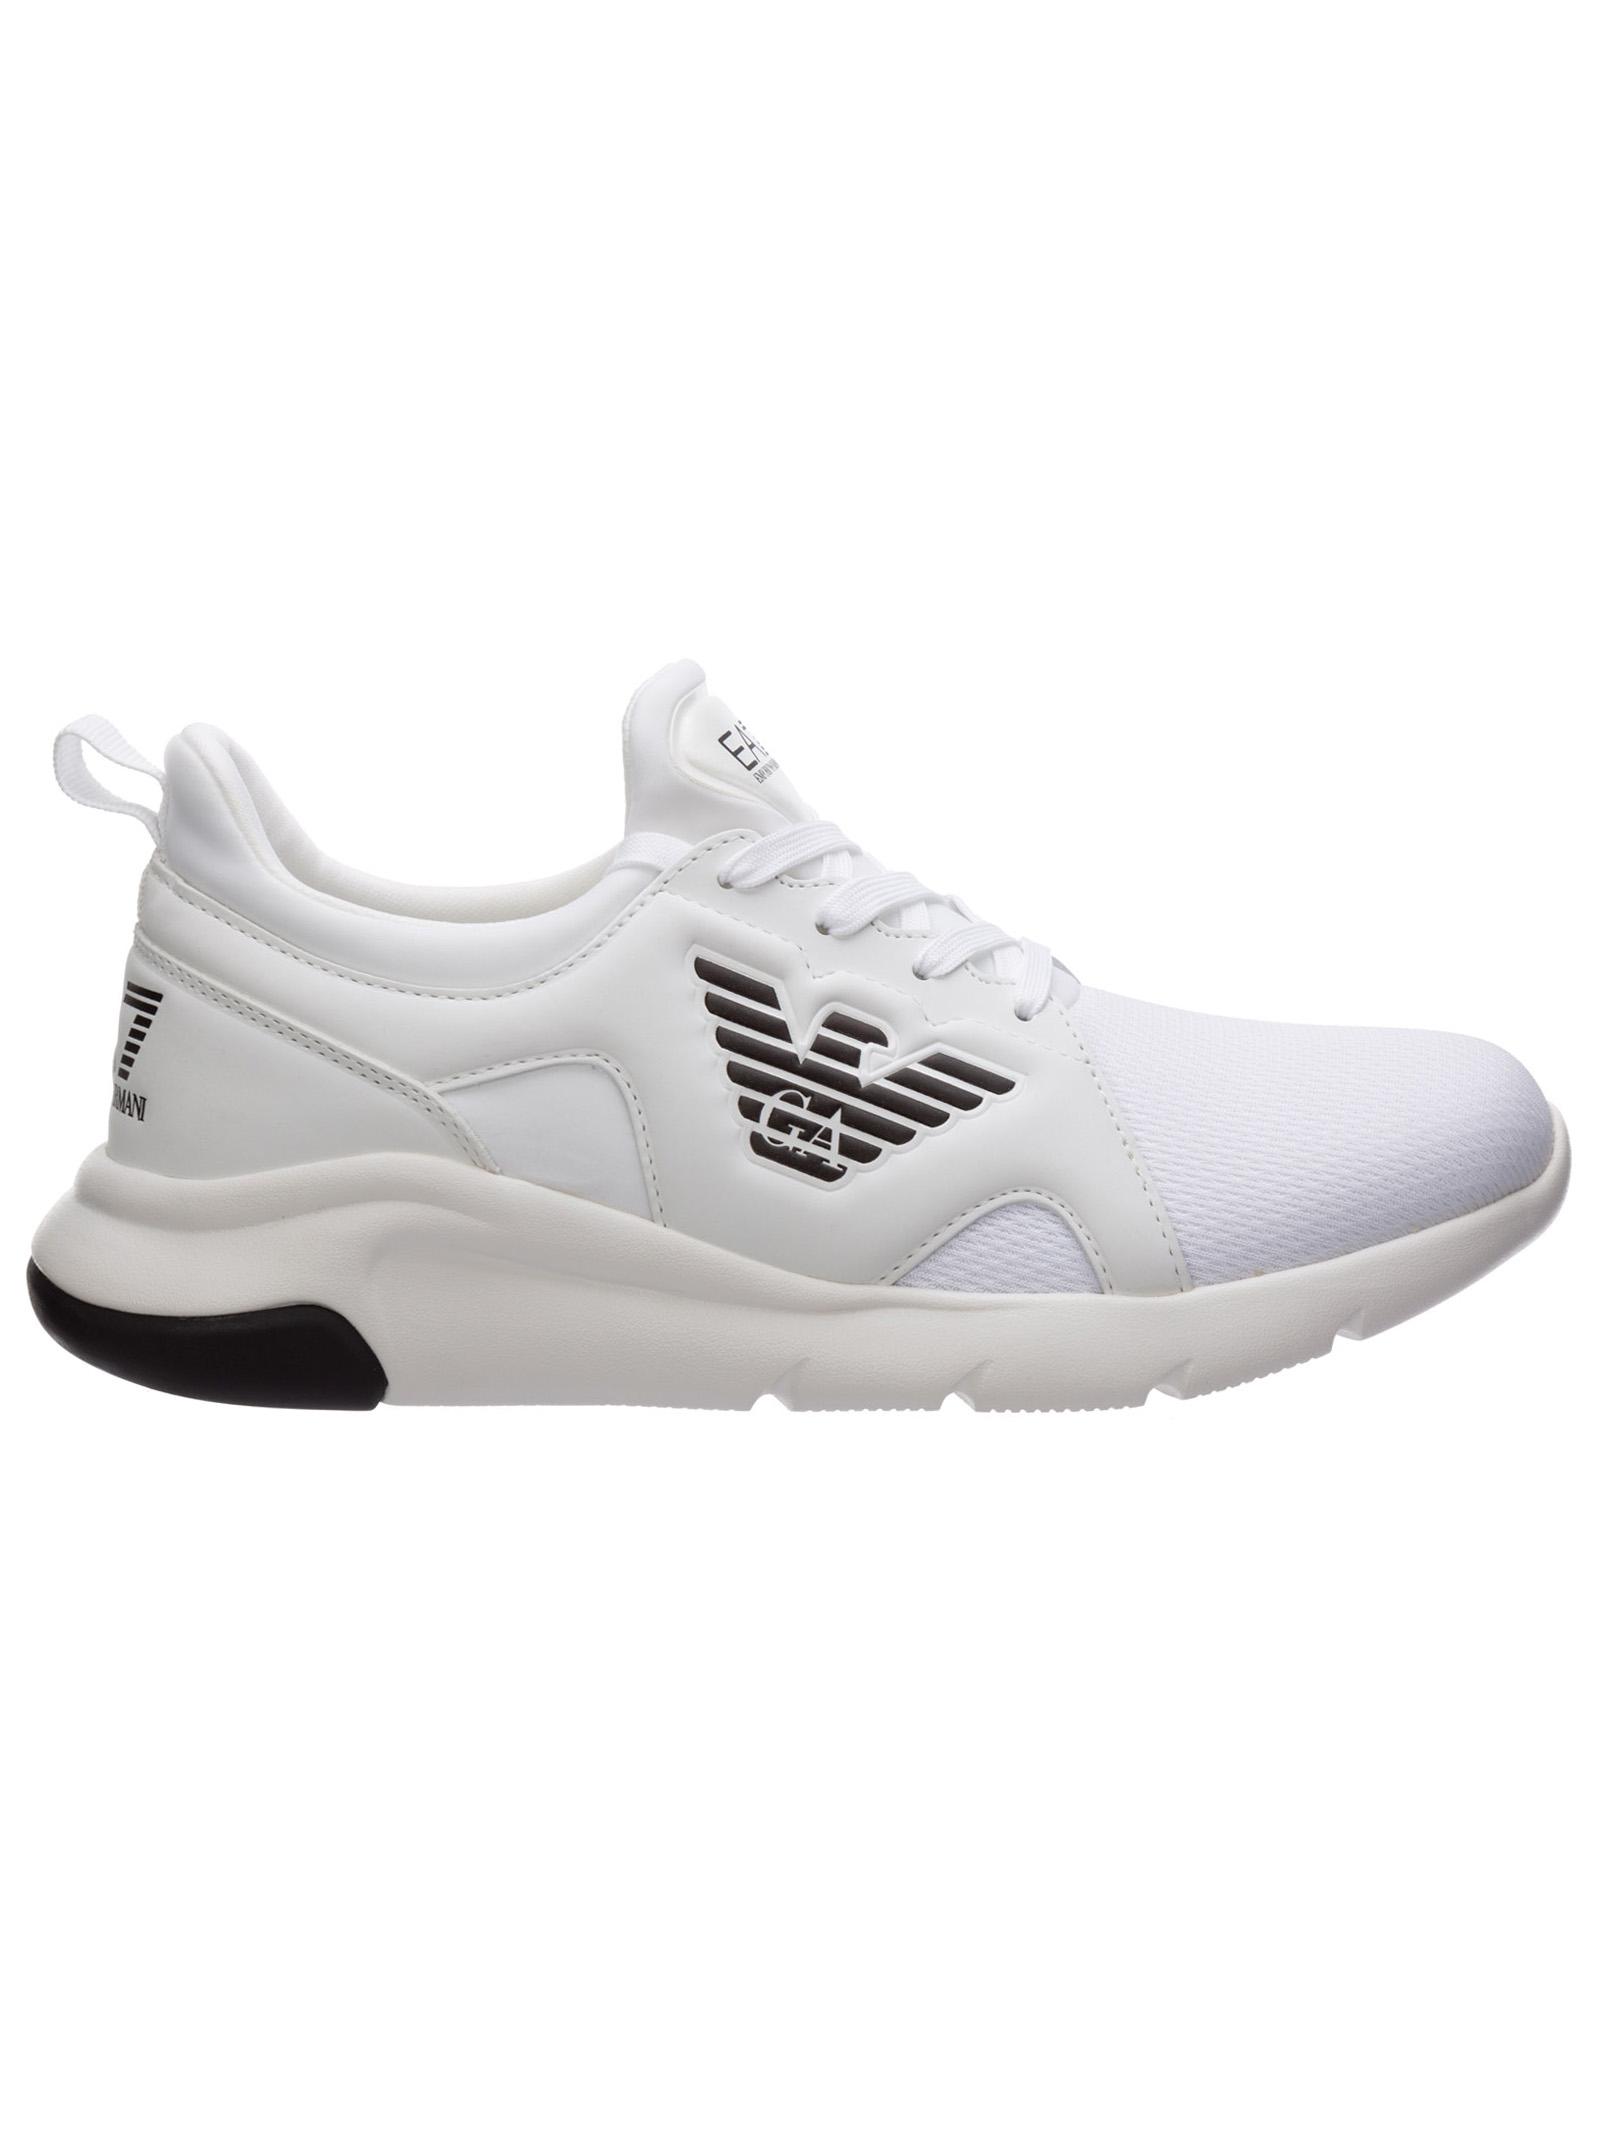 EMPORIO ARMANI Sneakers EA7 - GIORGIO